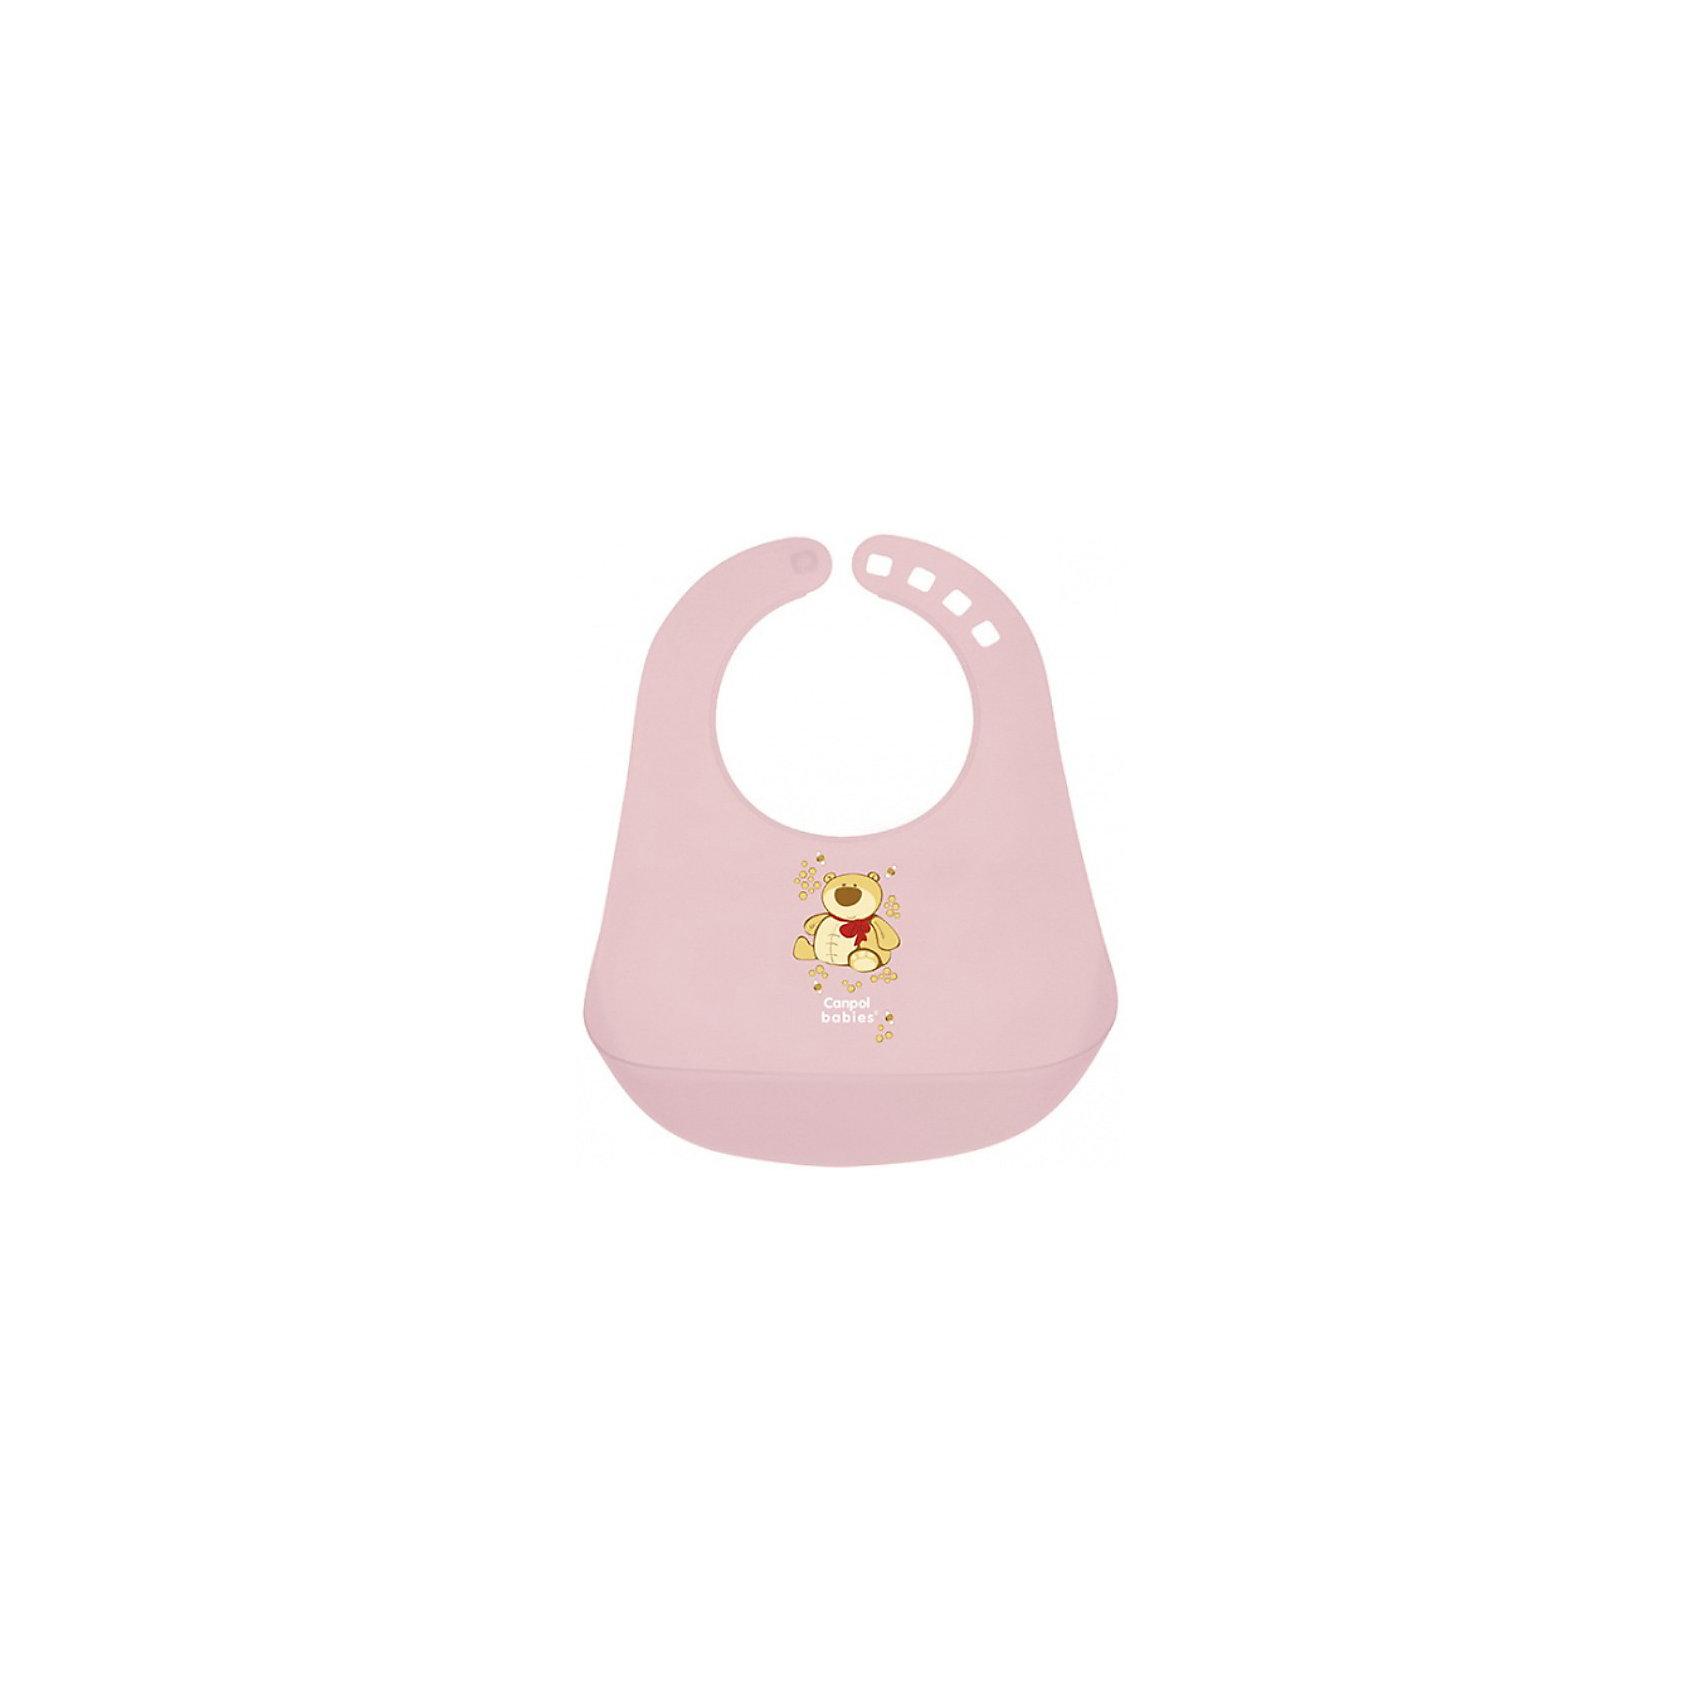 Пластиковый нагрудник, Canpol Babies, розовыйПластиковый нагрудник Canpol Babies сделает прием пиши Вашего ребенка не только более чистым, но и станет хорошим другом Вашей крохи!<br>Пластиковый нагрудник с большим карманом для остатков пищи предназначен для детей старше 12 месяцев. Помогает защитить одежду ребенка от загрязнения. Его легко содержать в чистоте. После каждого использования мойте нагрудник в теплой мыльной воде.<br>Мягкая горловина нагрудника не поцарапает нежную шею Вашего ребенка, а замочек поможет легко и быстро закрепить нагрудник в нужном положении.<br>Благодаря пластиковому нагруднику Canpol Babies одежда малыша останется чистой после еды!<br>Пластиковый нагрудник Canpol Babies можно купить в нашем интернет-магазине.<br><br>Ширина мм: 230<br>Глубина мм: 400<br>Высота мм: 55<br>Вес г: 200<br>Возраст от месяцев: 12<br>Возраст до месяцев: 36<br>Пол: Женский<br>Возраст: Детский<br>SKU: 3837143